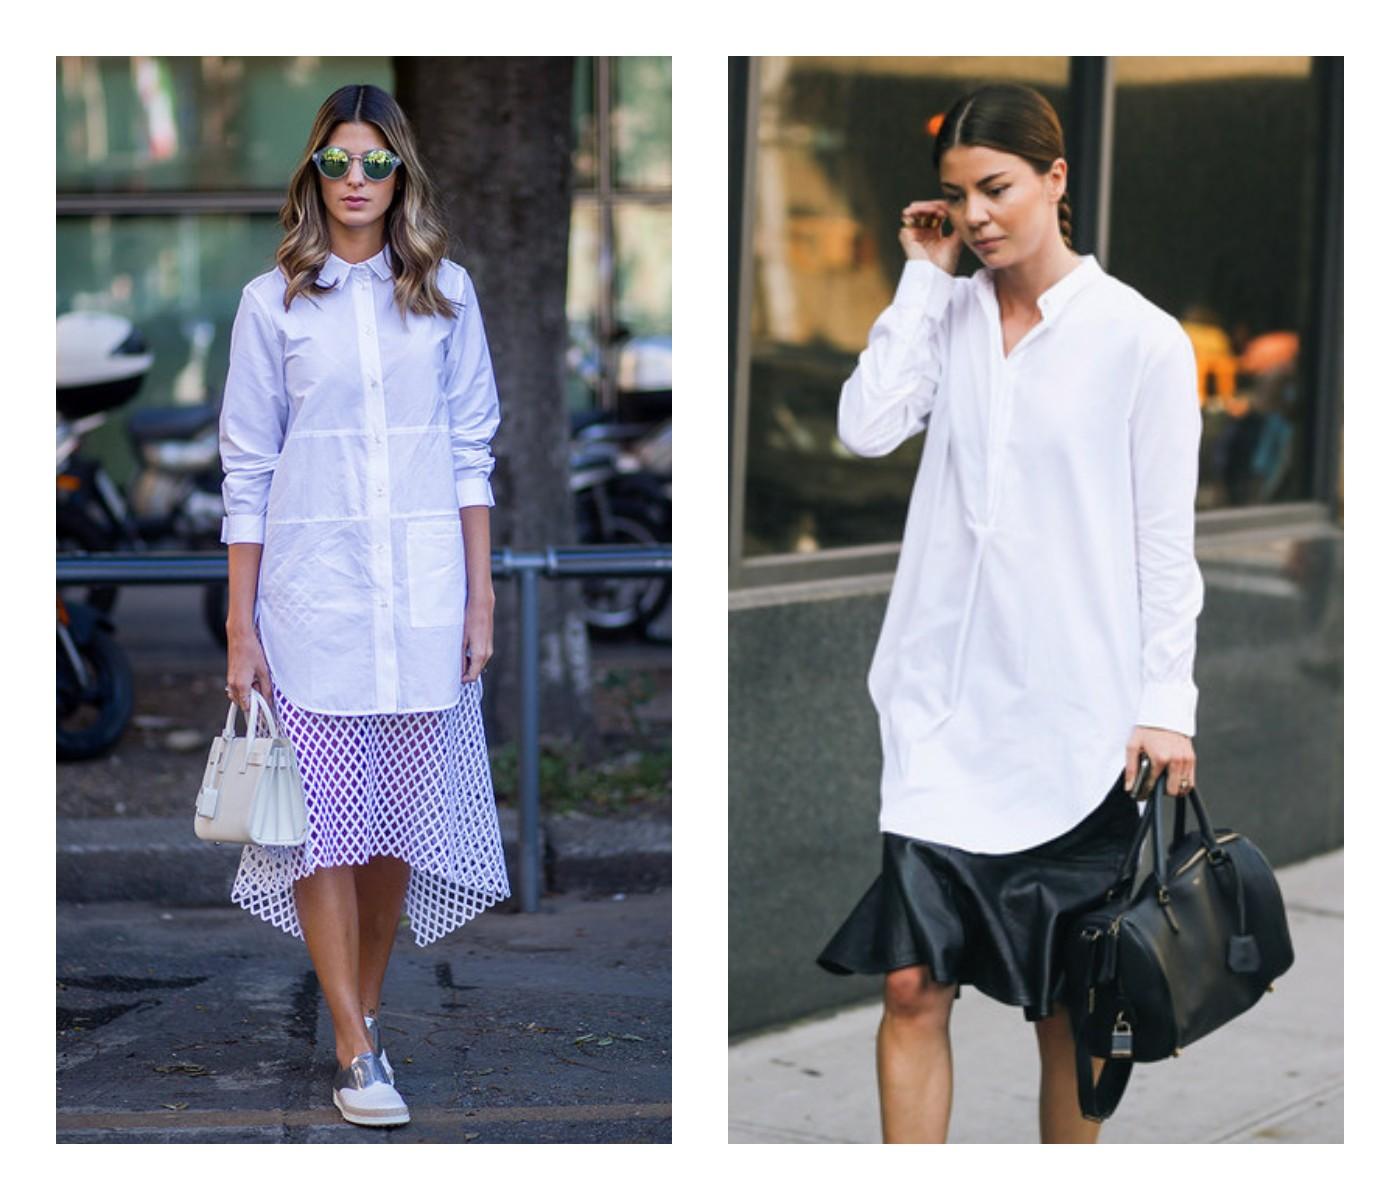 Если сочетаете рубашку с юбкой, то лучше выбирать вариант миди